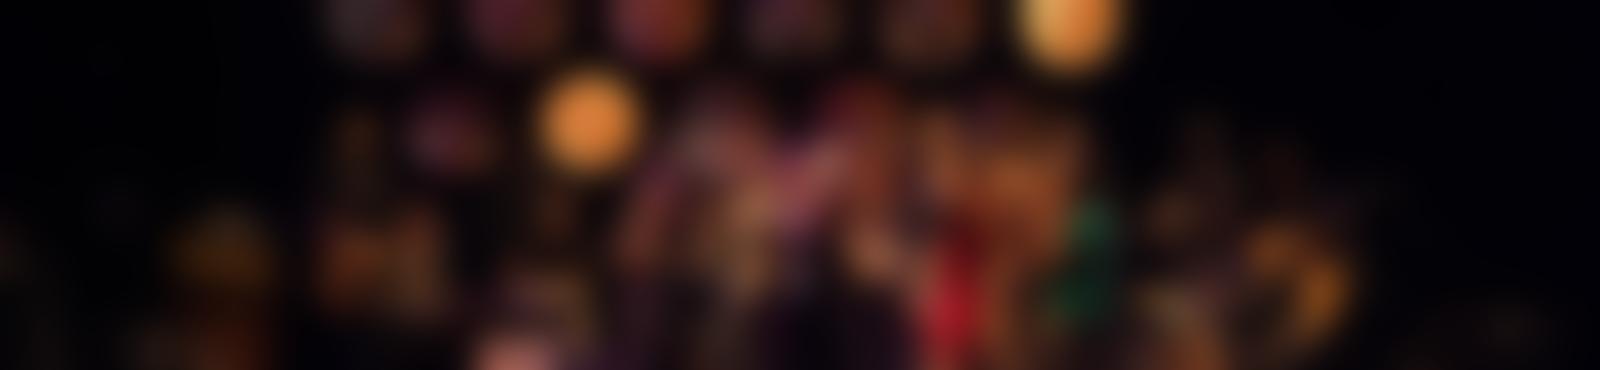 Blurred d8c43e72 153b 4d3e a0e3 d69106f2ff45